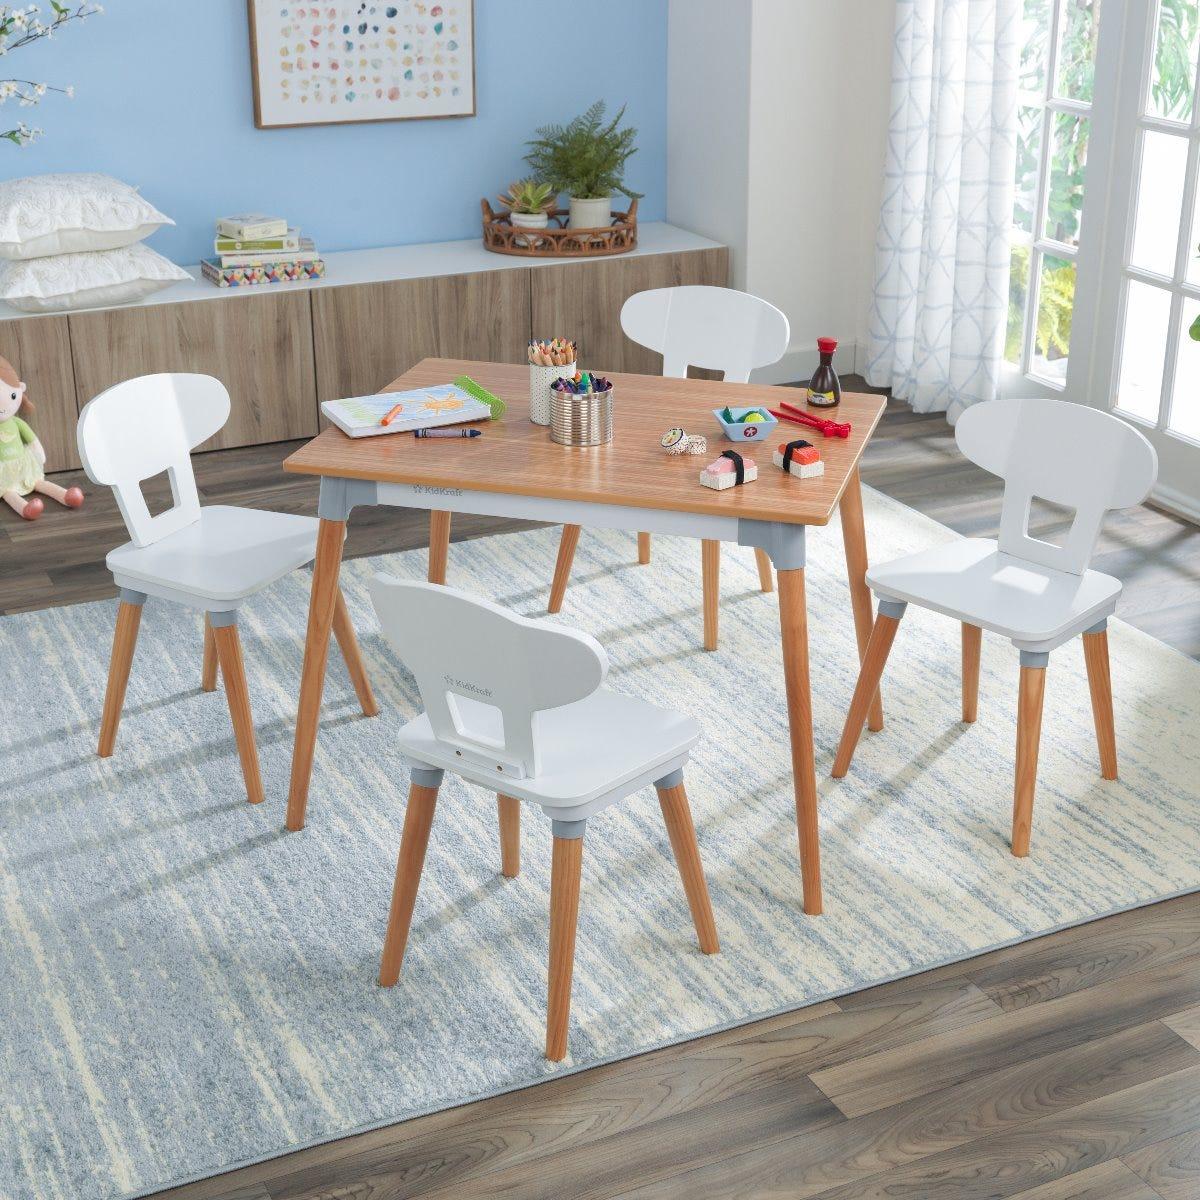 Kidkraft Mid Century Kid Table And 4